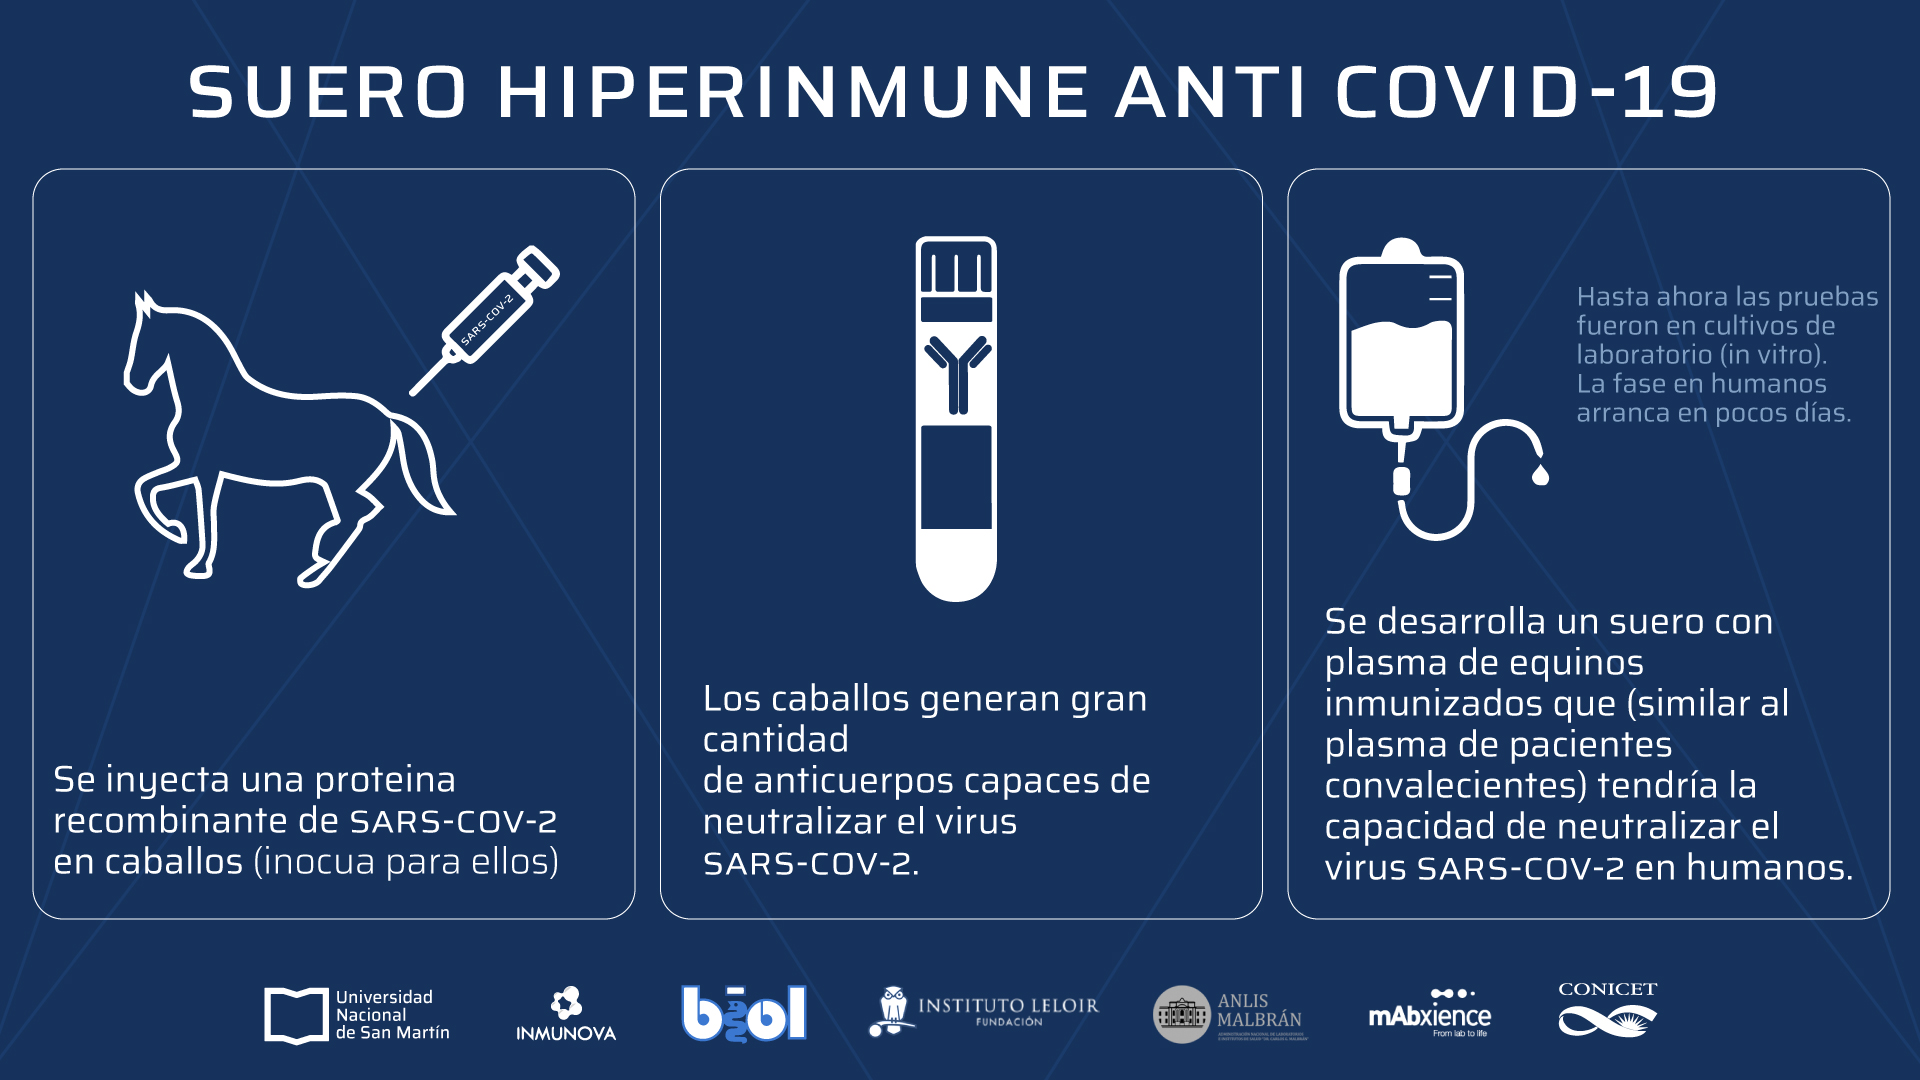 Investigadores de la UNSAM desarrollaron un suero hiperinmune contra COVID- 19 » Noticias UNSAM